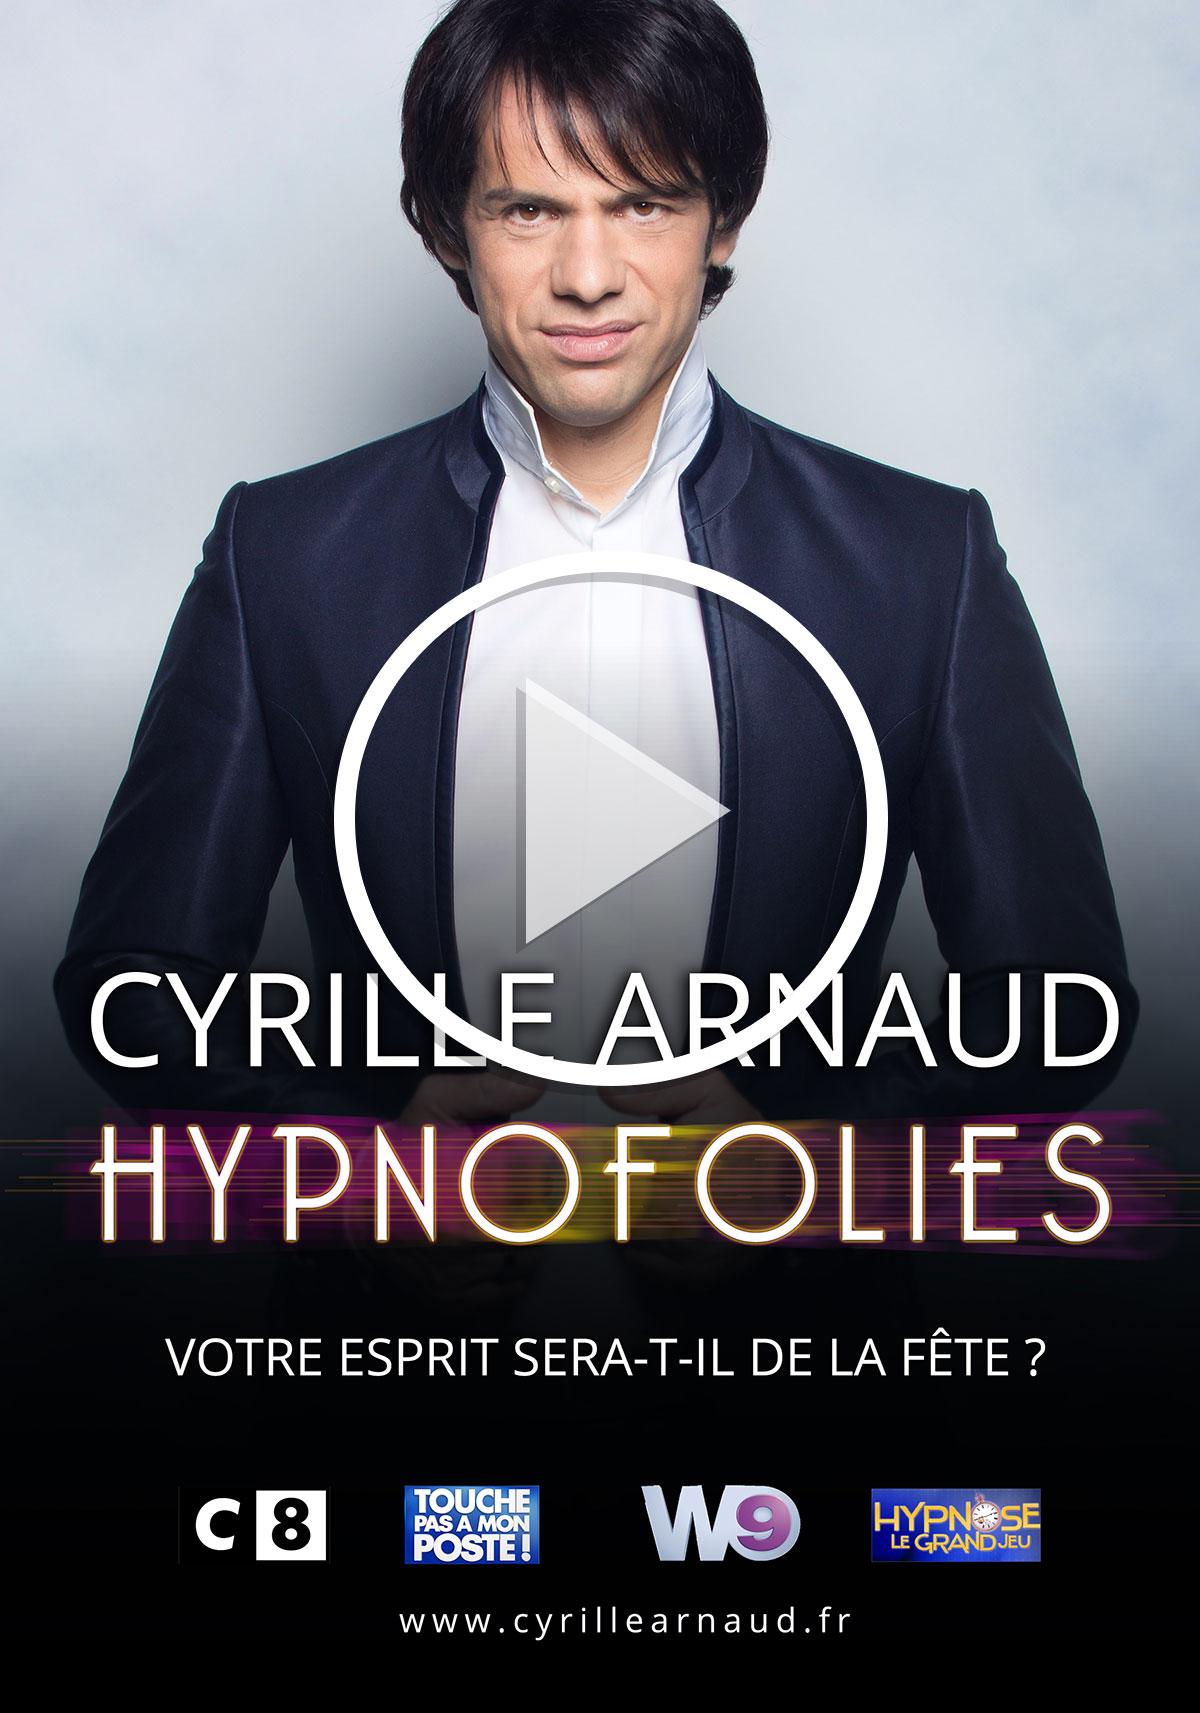 cyrille-arnaud-hypnofolies-affiche